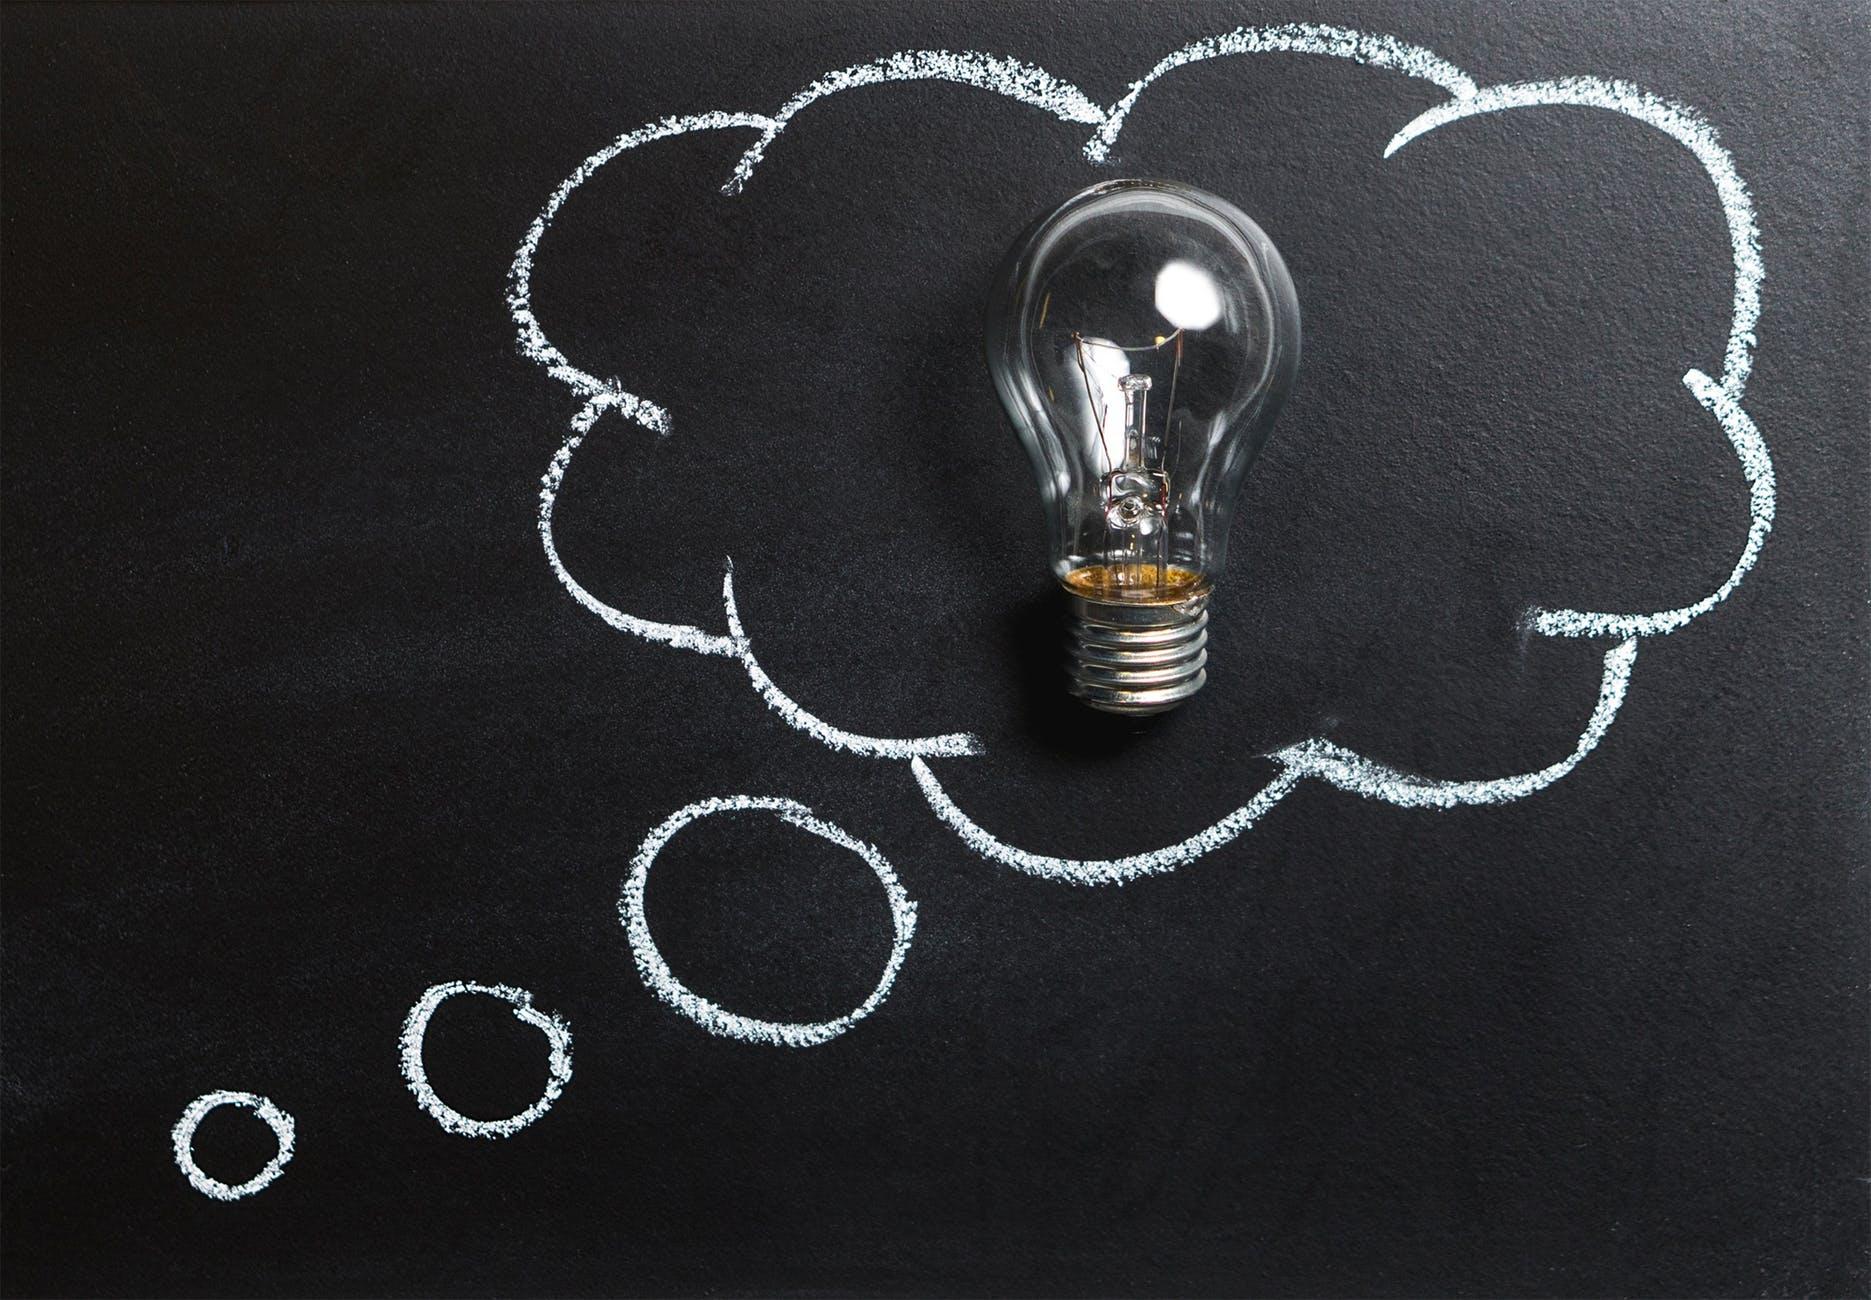 lightbulb thought